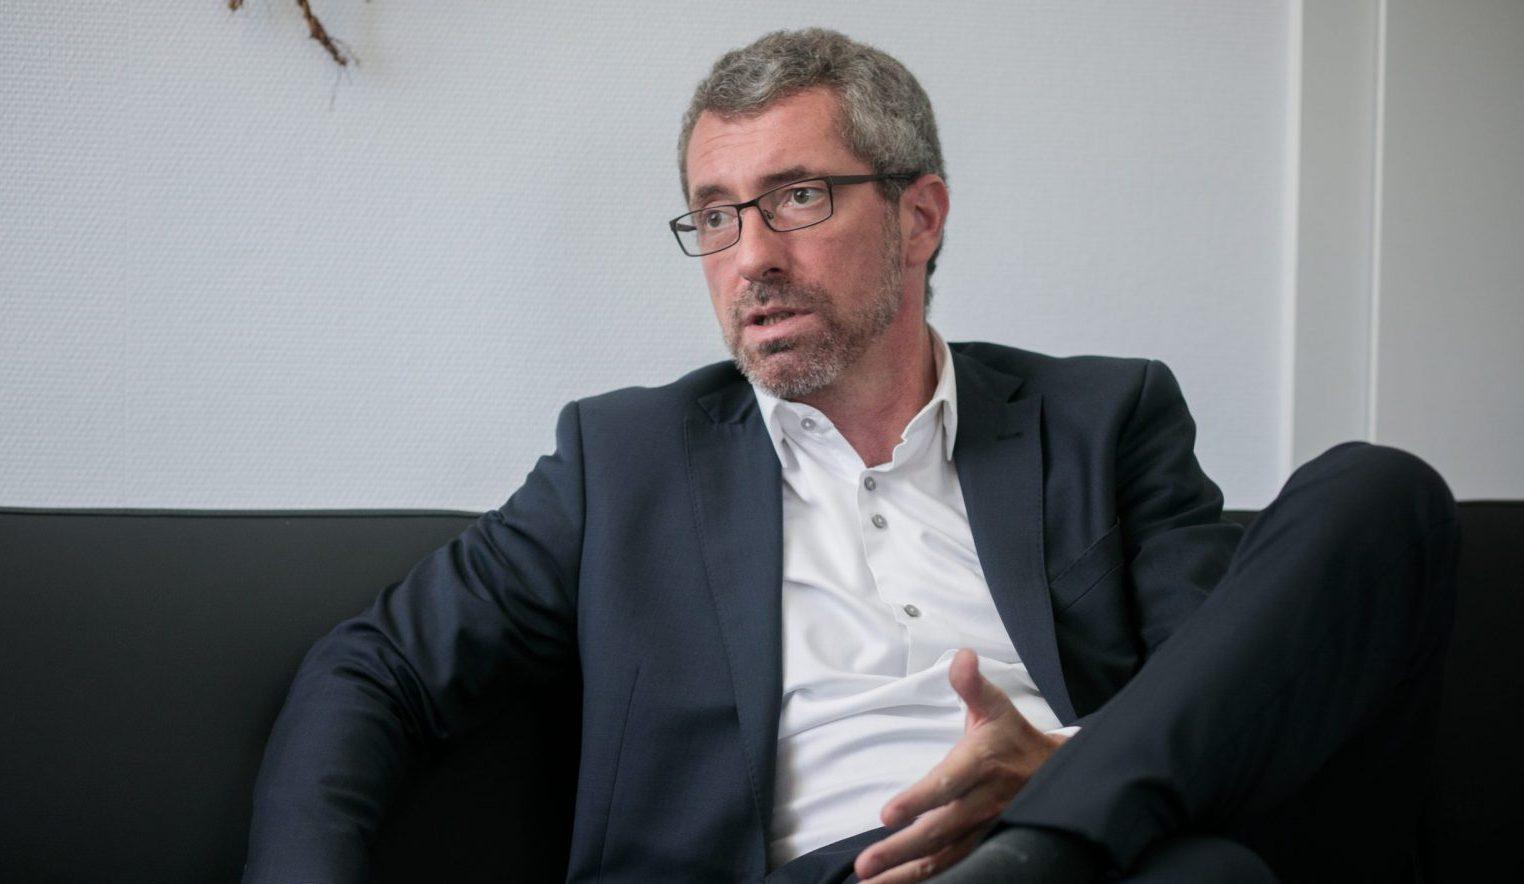 Richtungsstreit in der CSV: Parteichef Frank Engel will Reichtum stärker besteuern